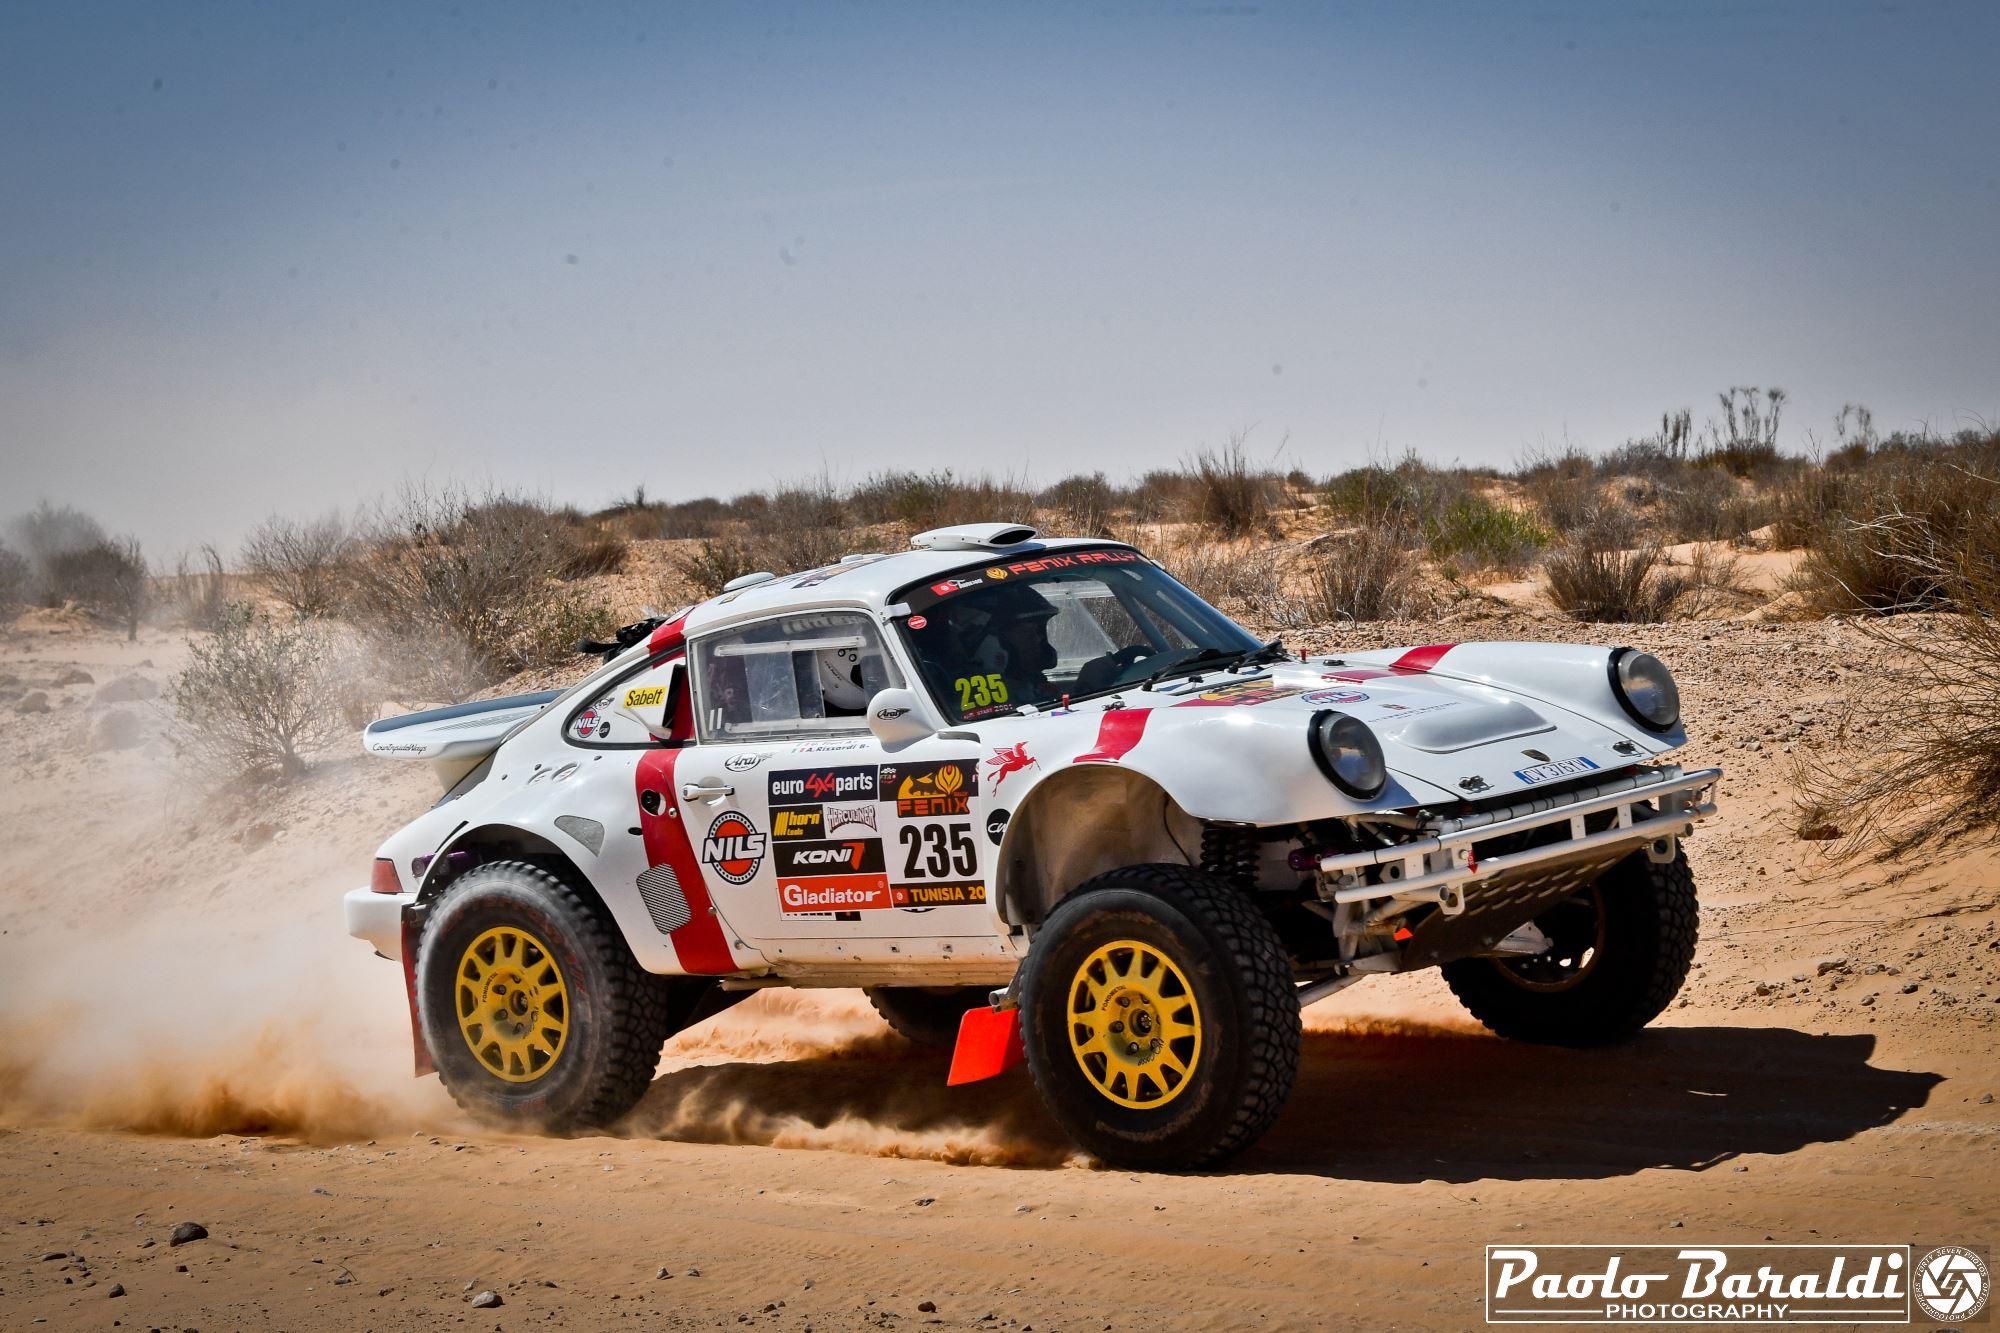 Porsche 911 4x4 Rally Raid: nostalgie dakariane al Fenix Rally